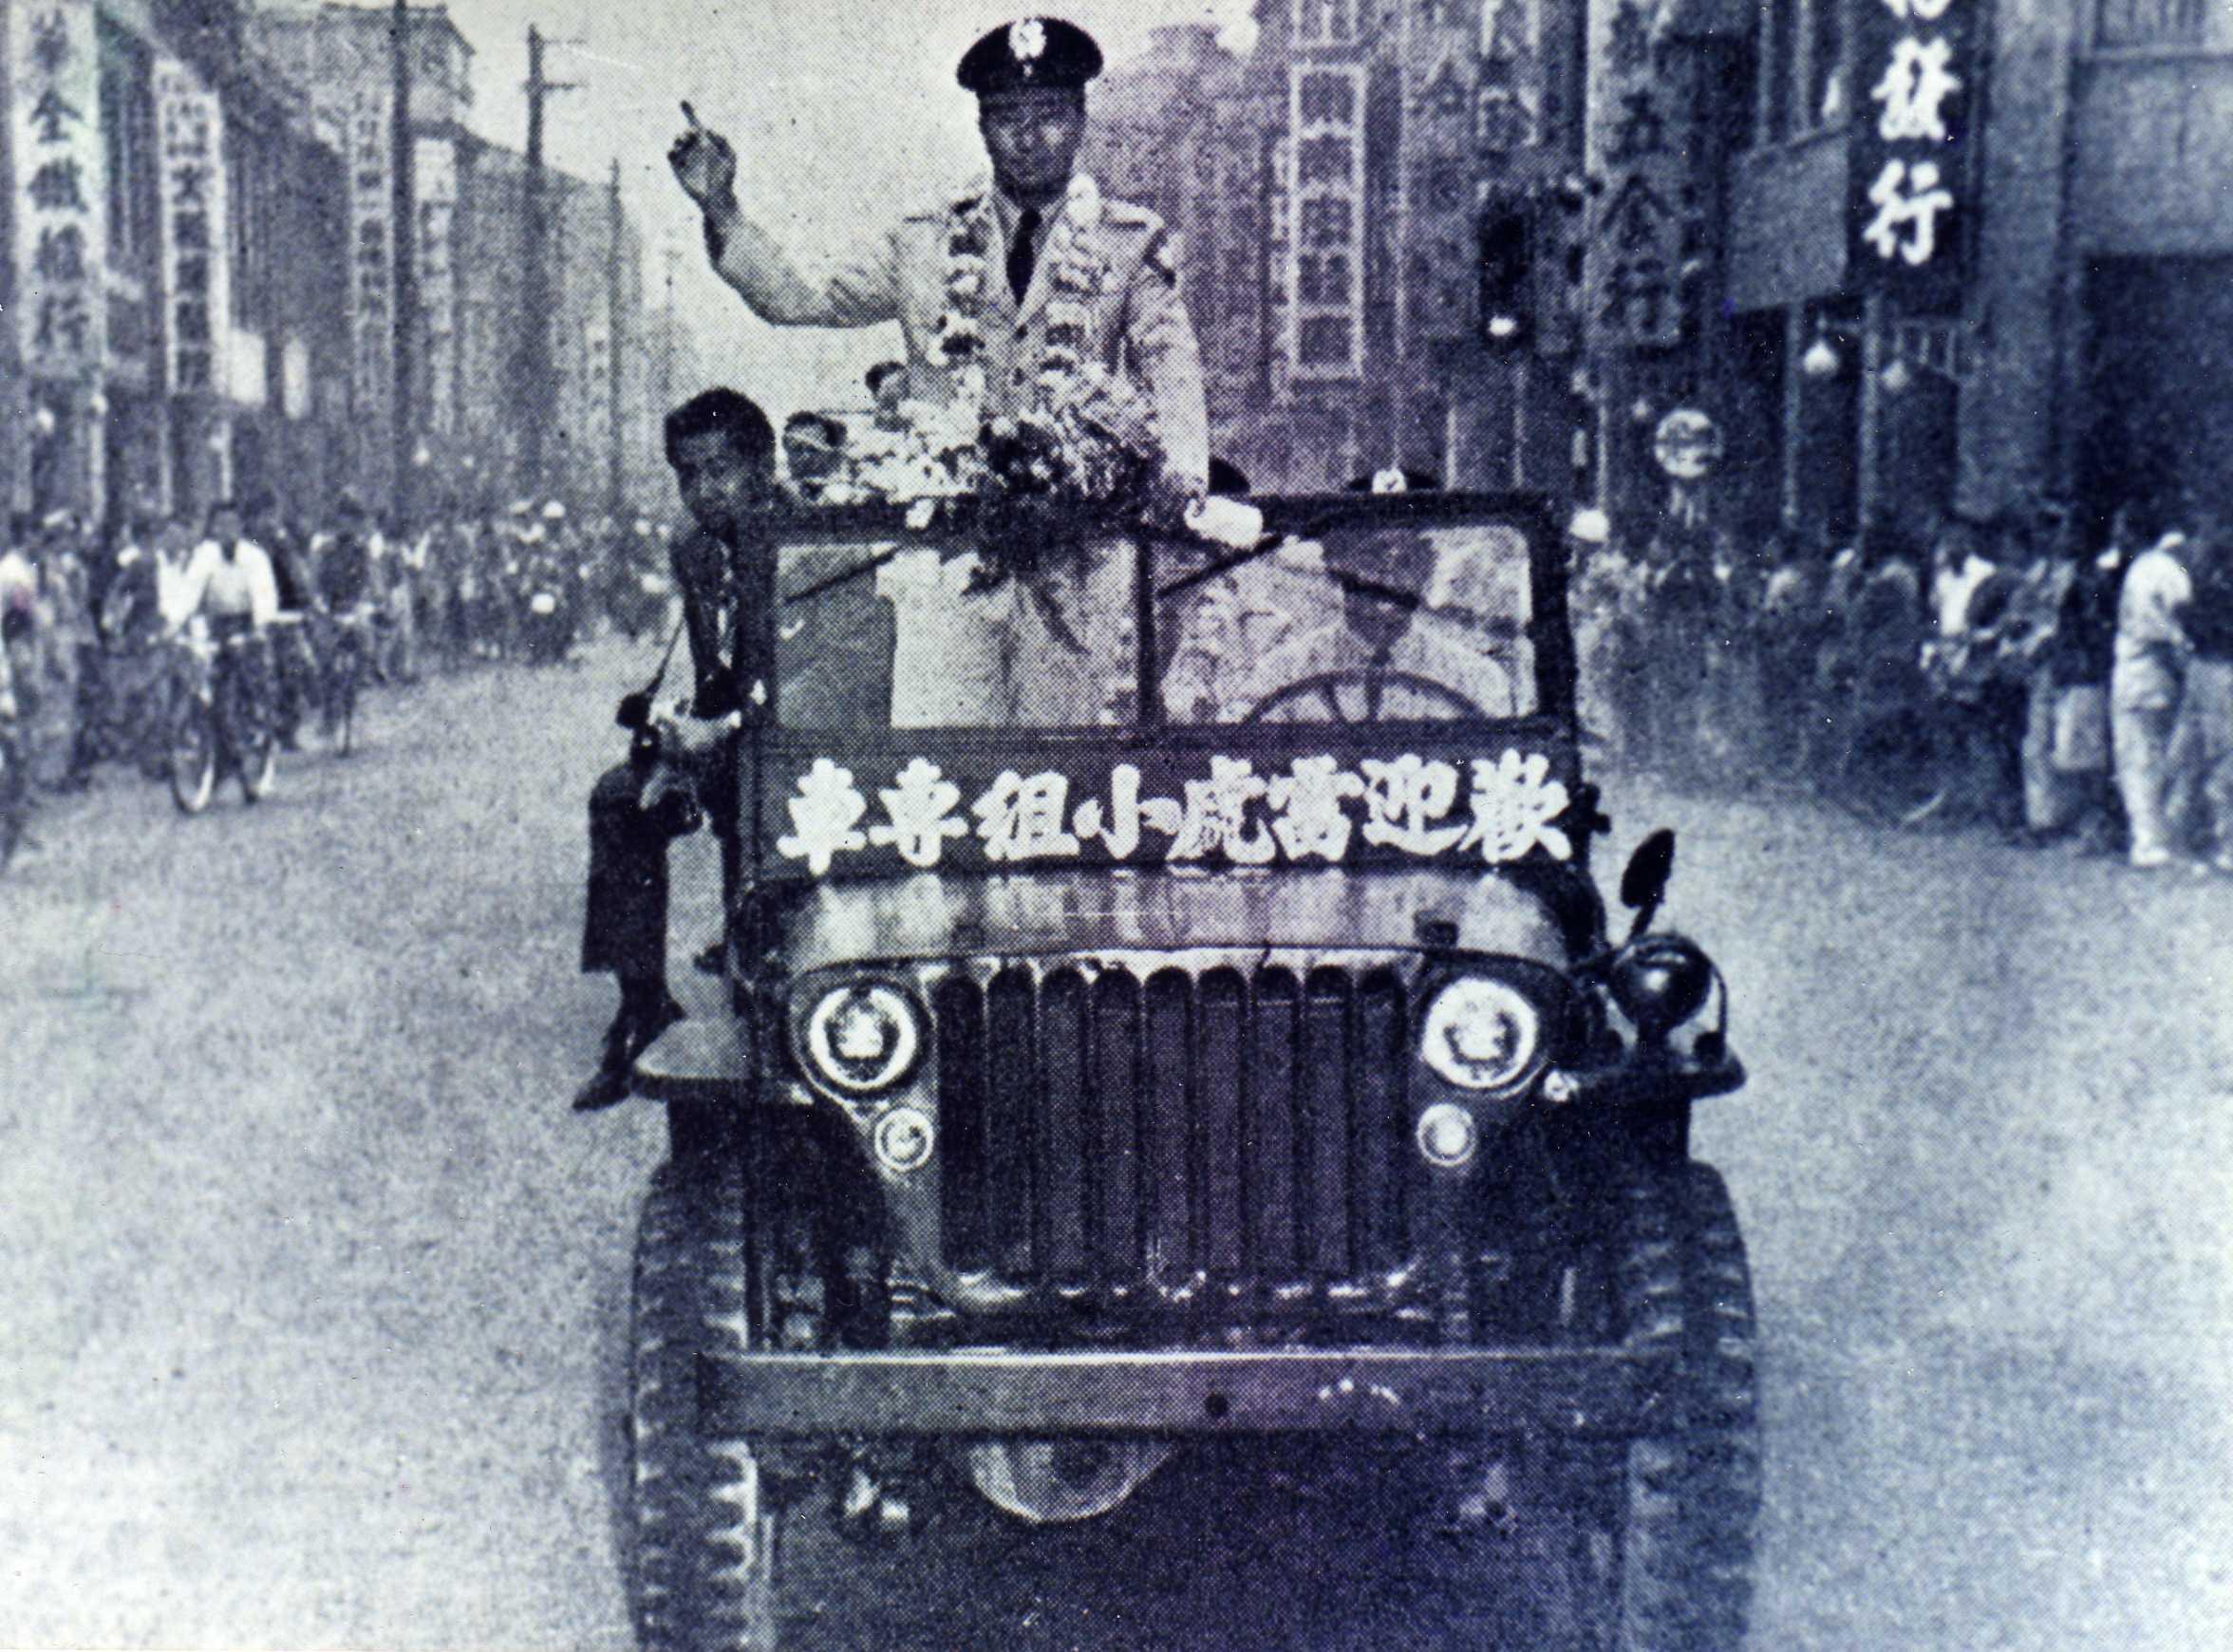 民國48年5月23日雷虎小組自美返國遊行臺北市區盛況。 (圖:國防部空軍司令部)